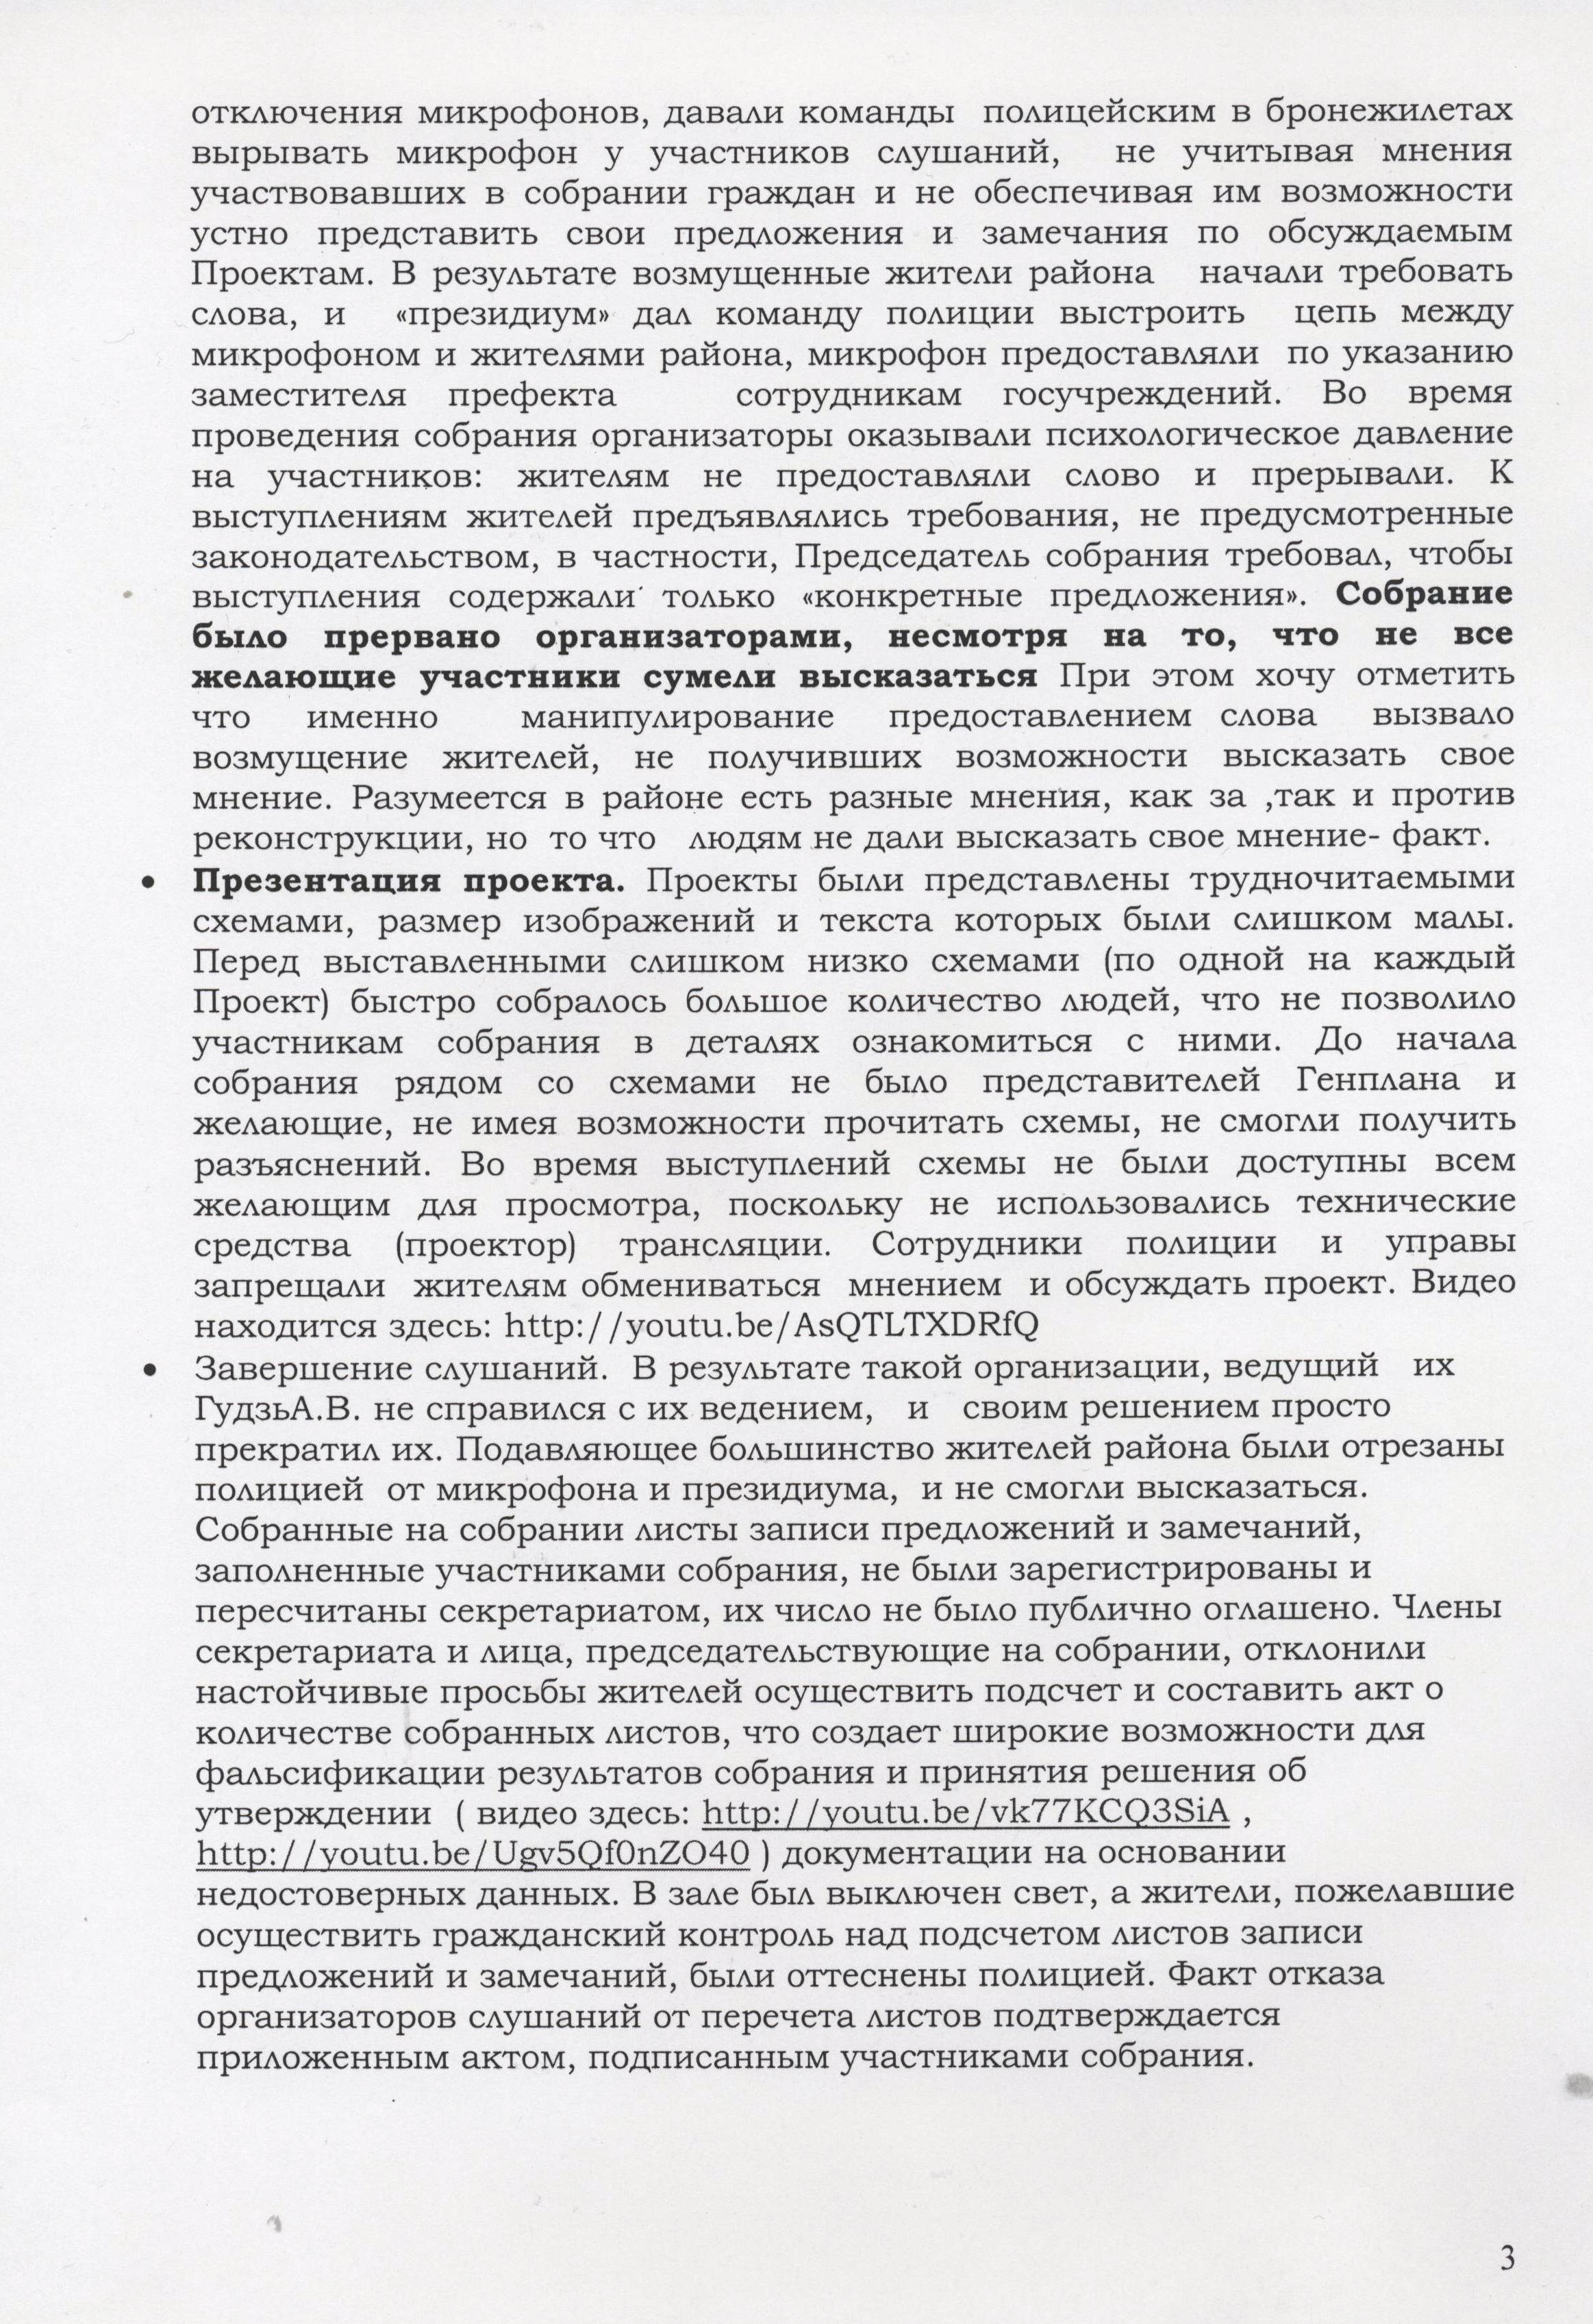 обращение к собянину 04.04.13 006